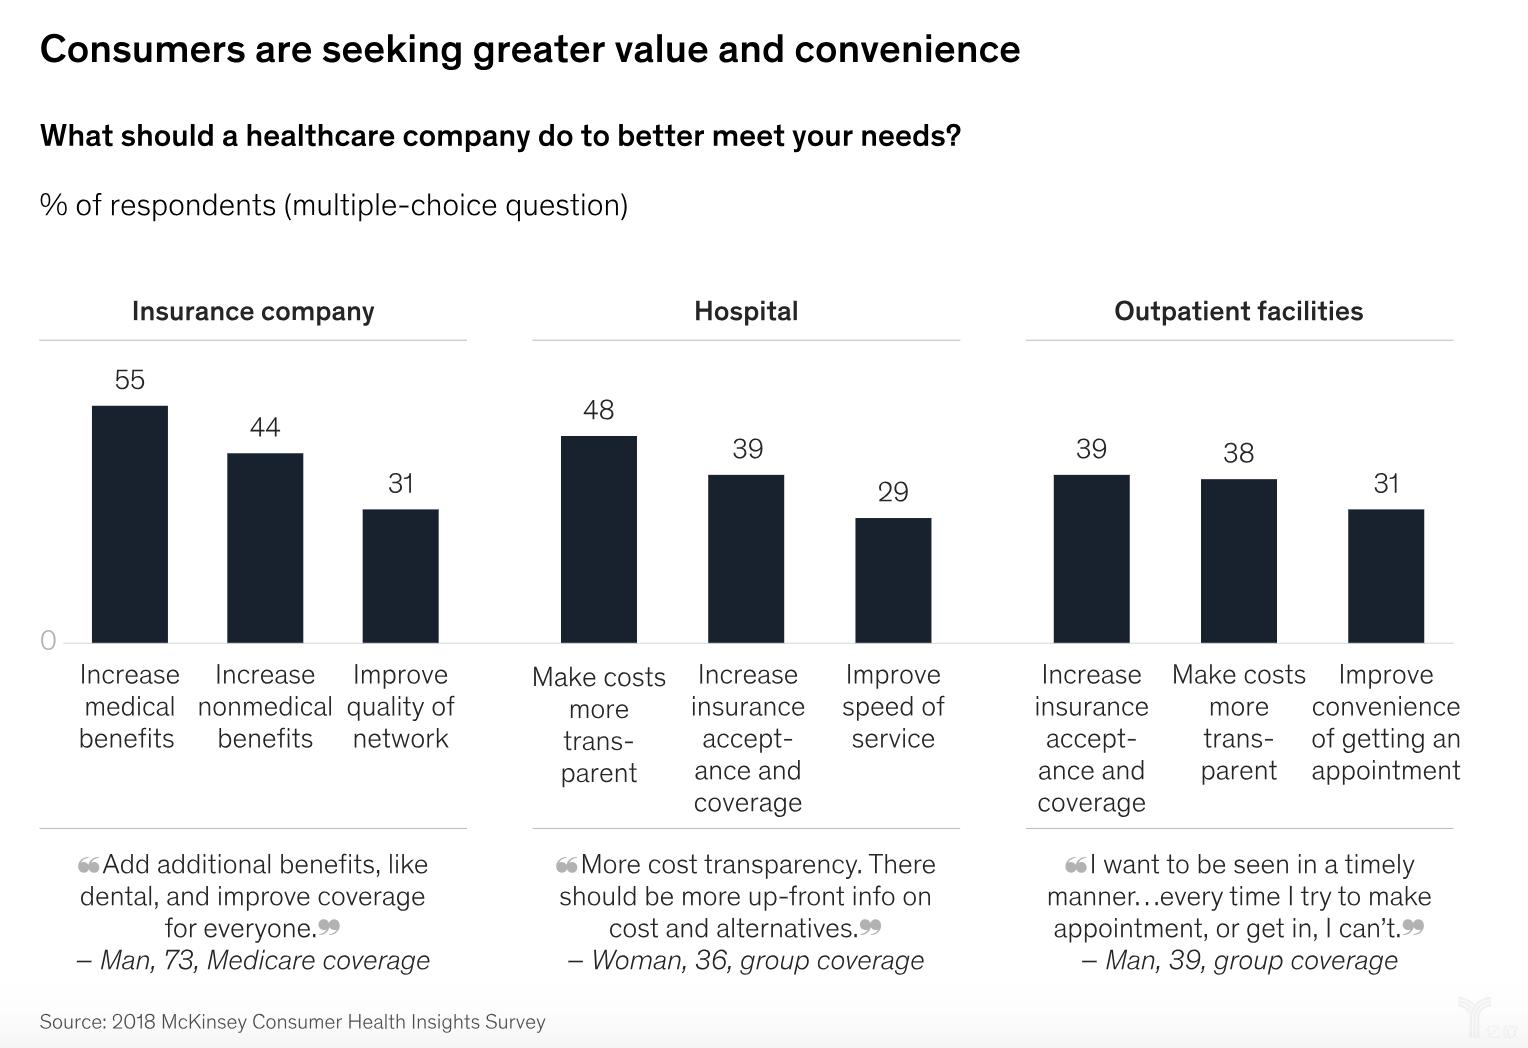 消費者希望獲得價值醫療服務和便捷醫療服務